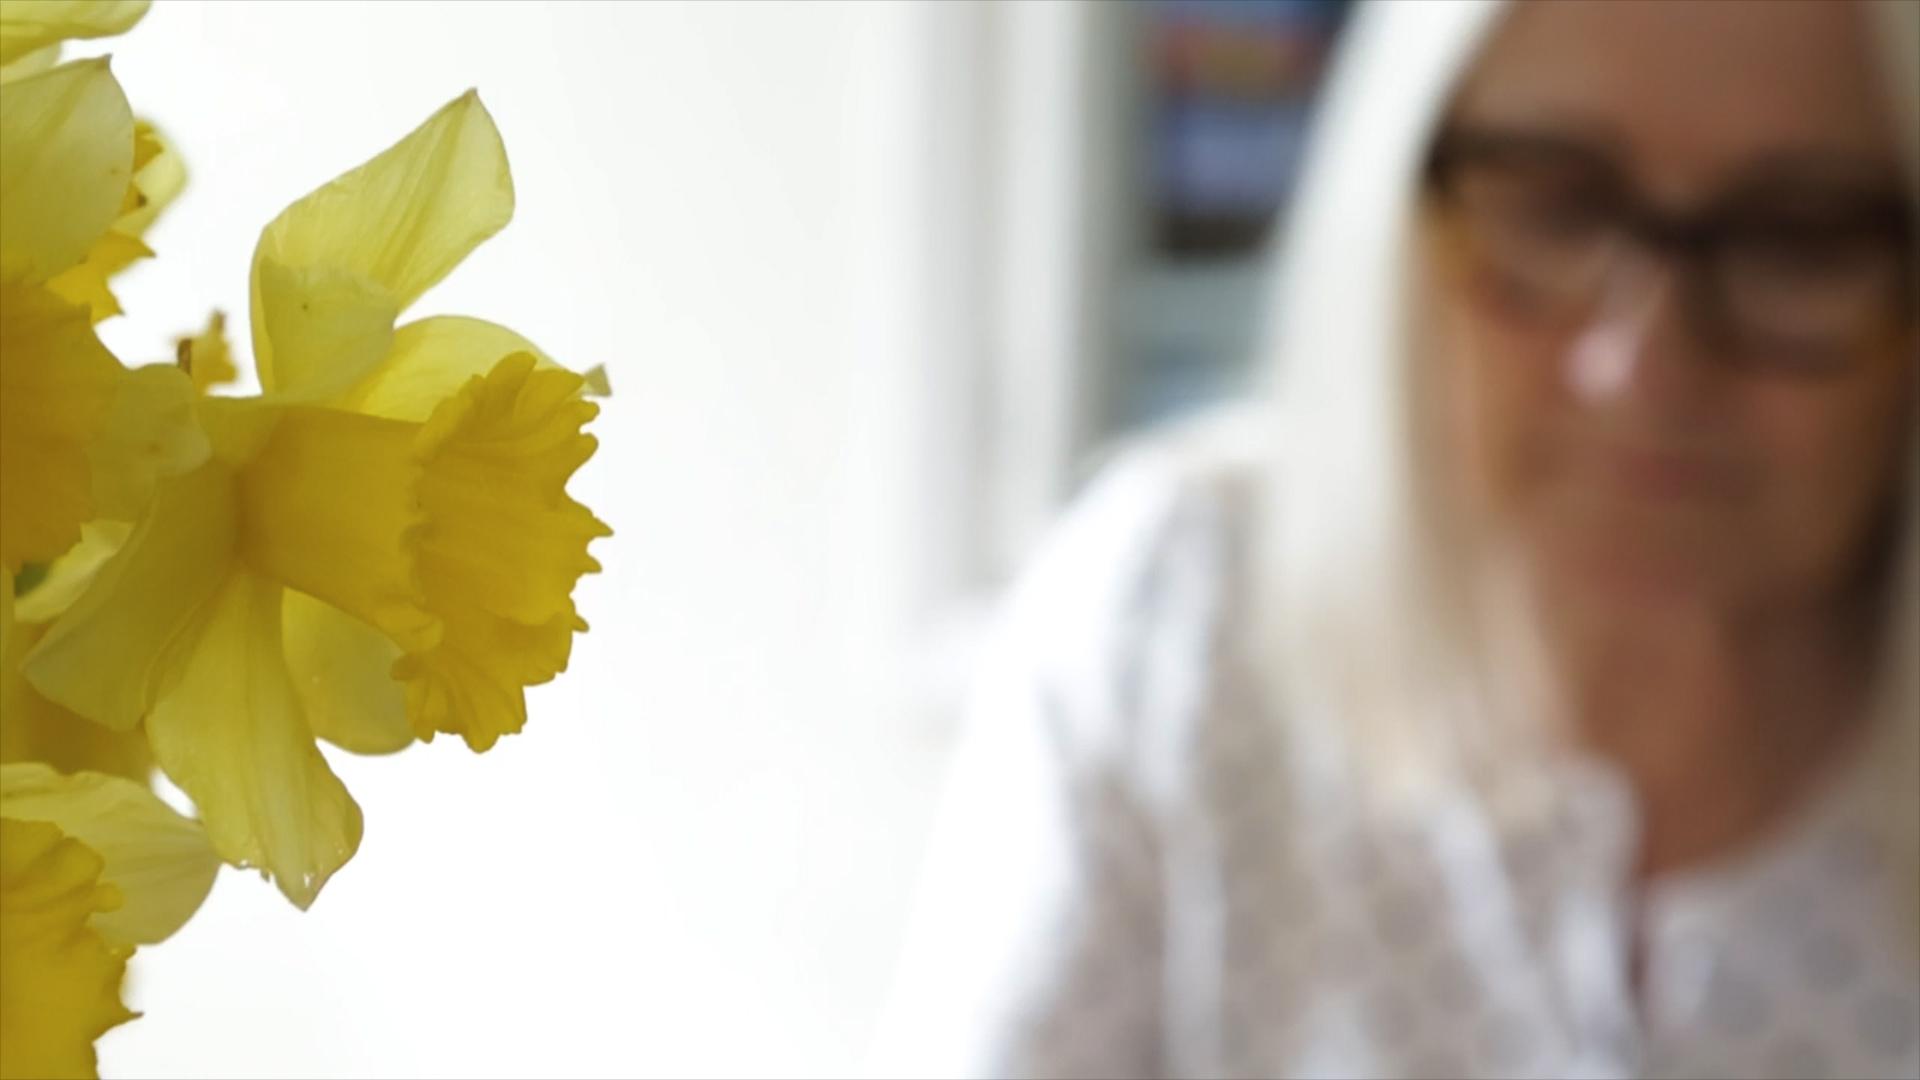 Carole's reflections on melanoma